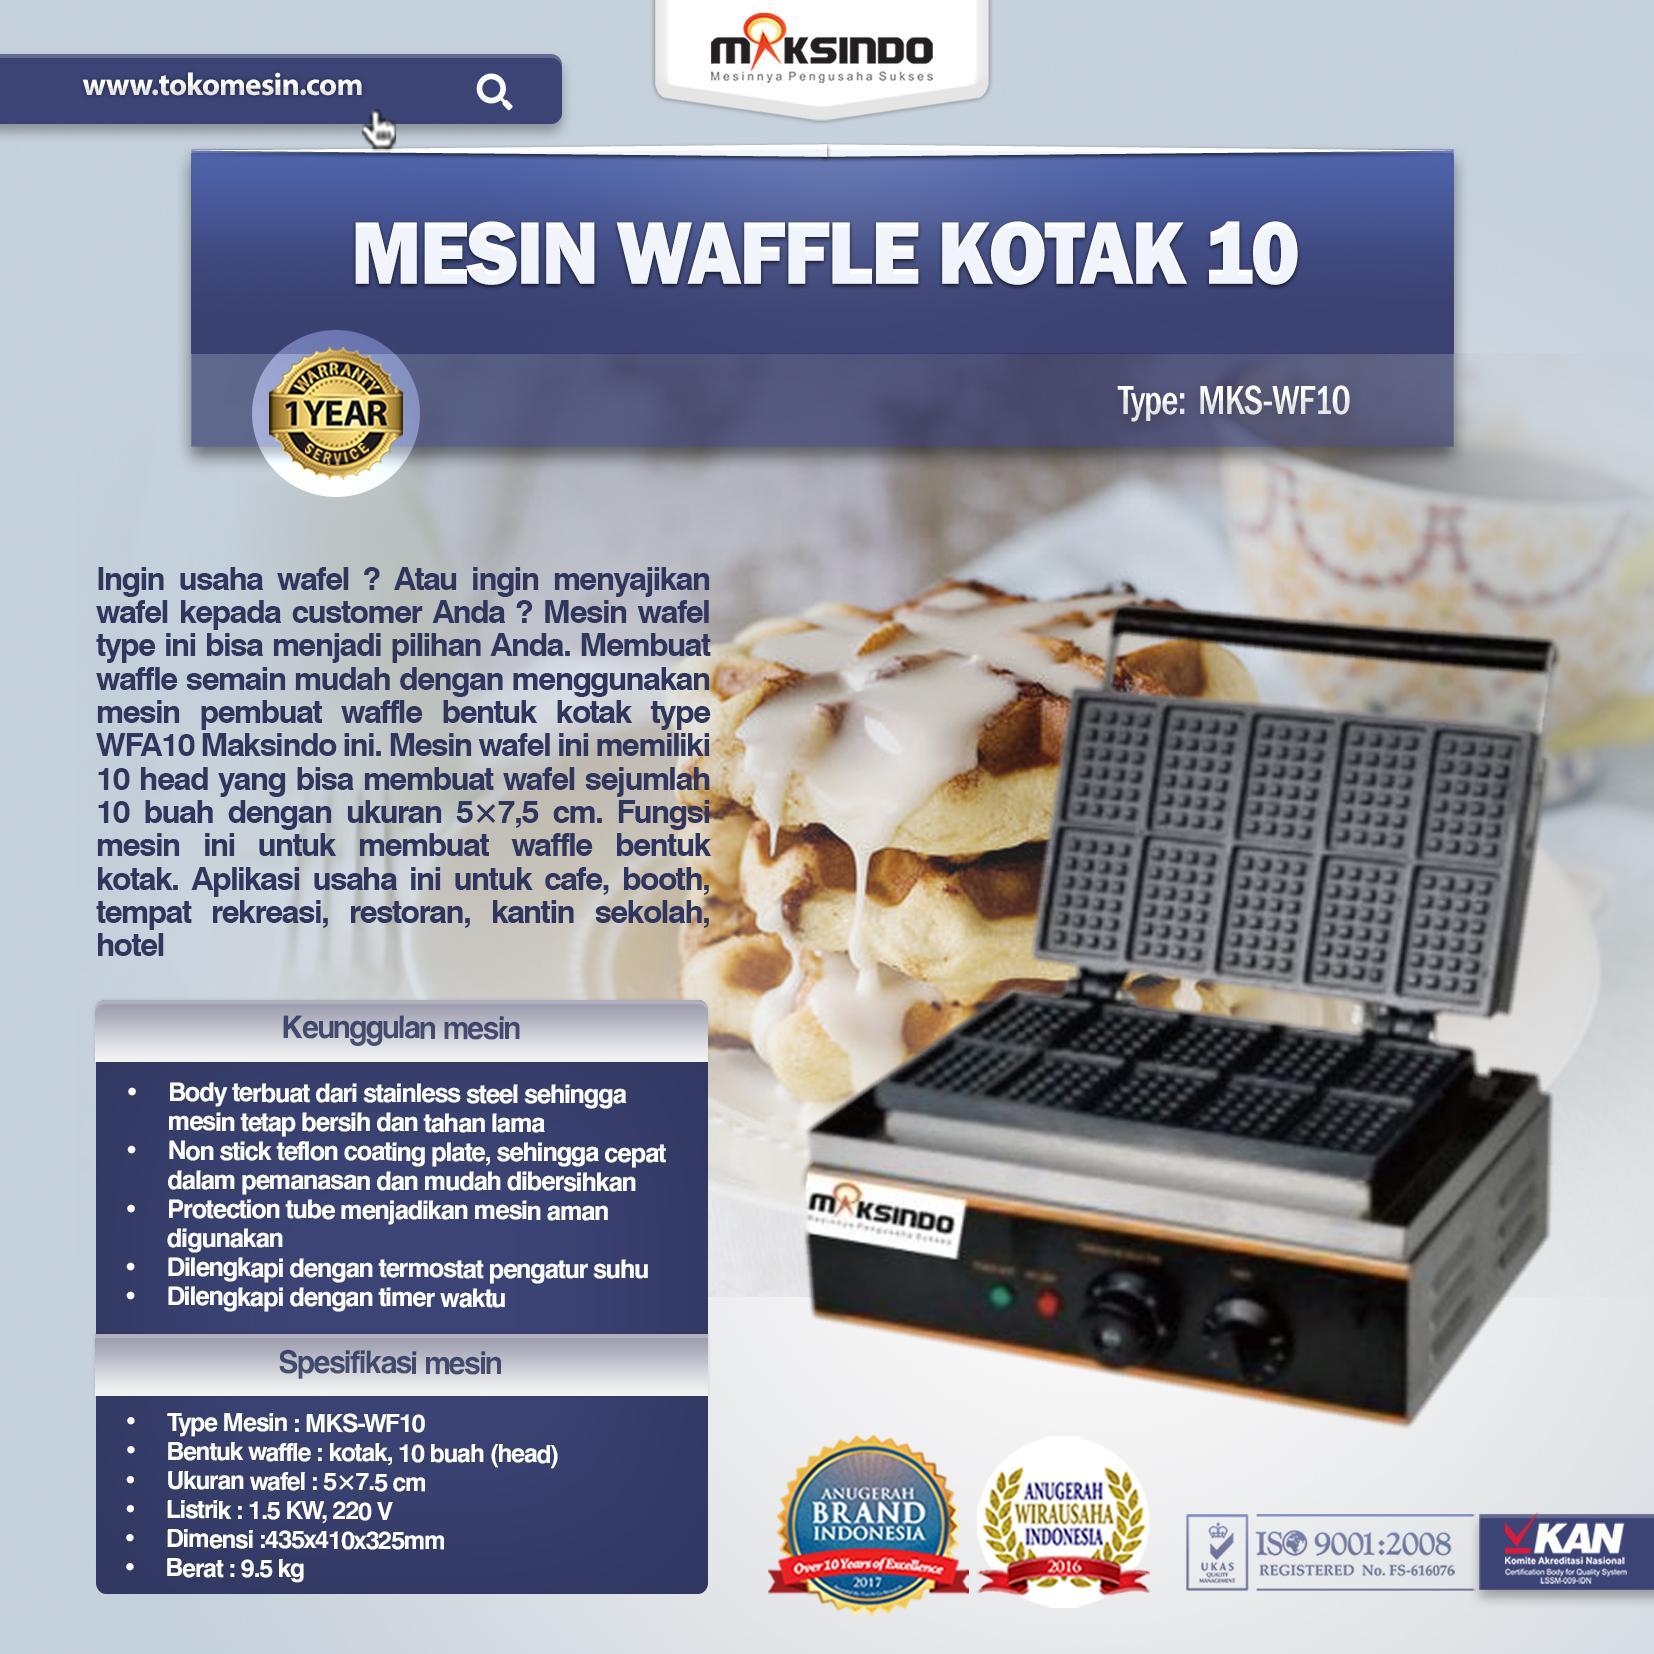 Jual Mesin Waffle Kotak 10 (WF10) Di Semarang